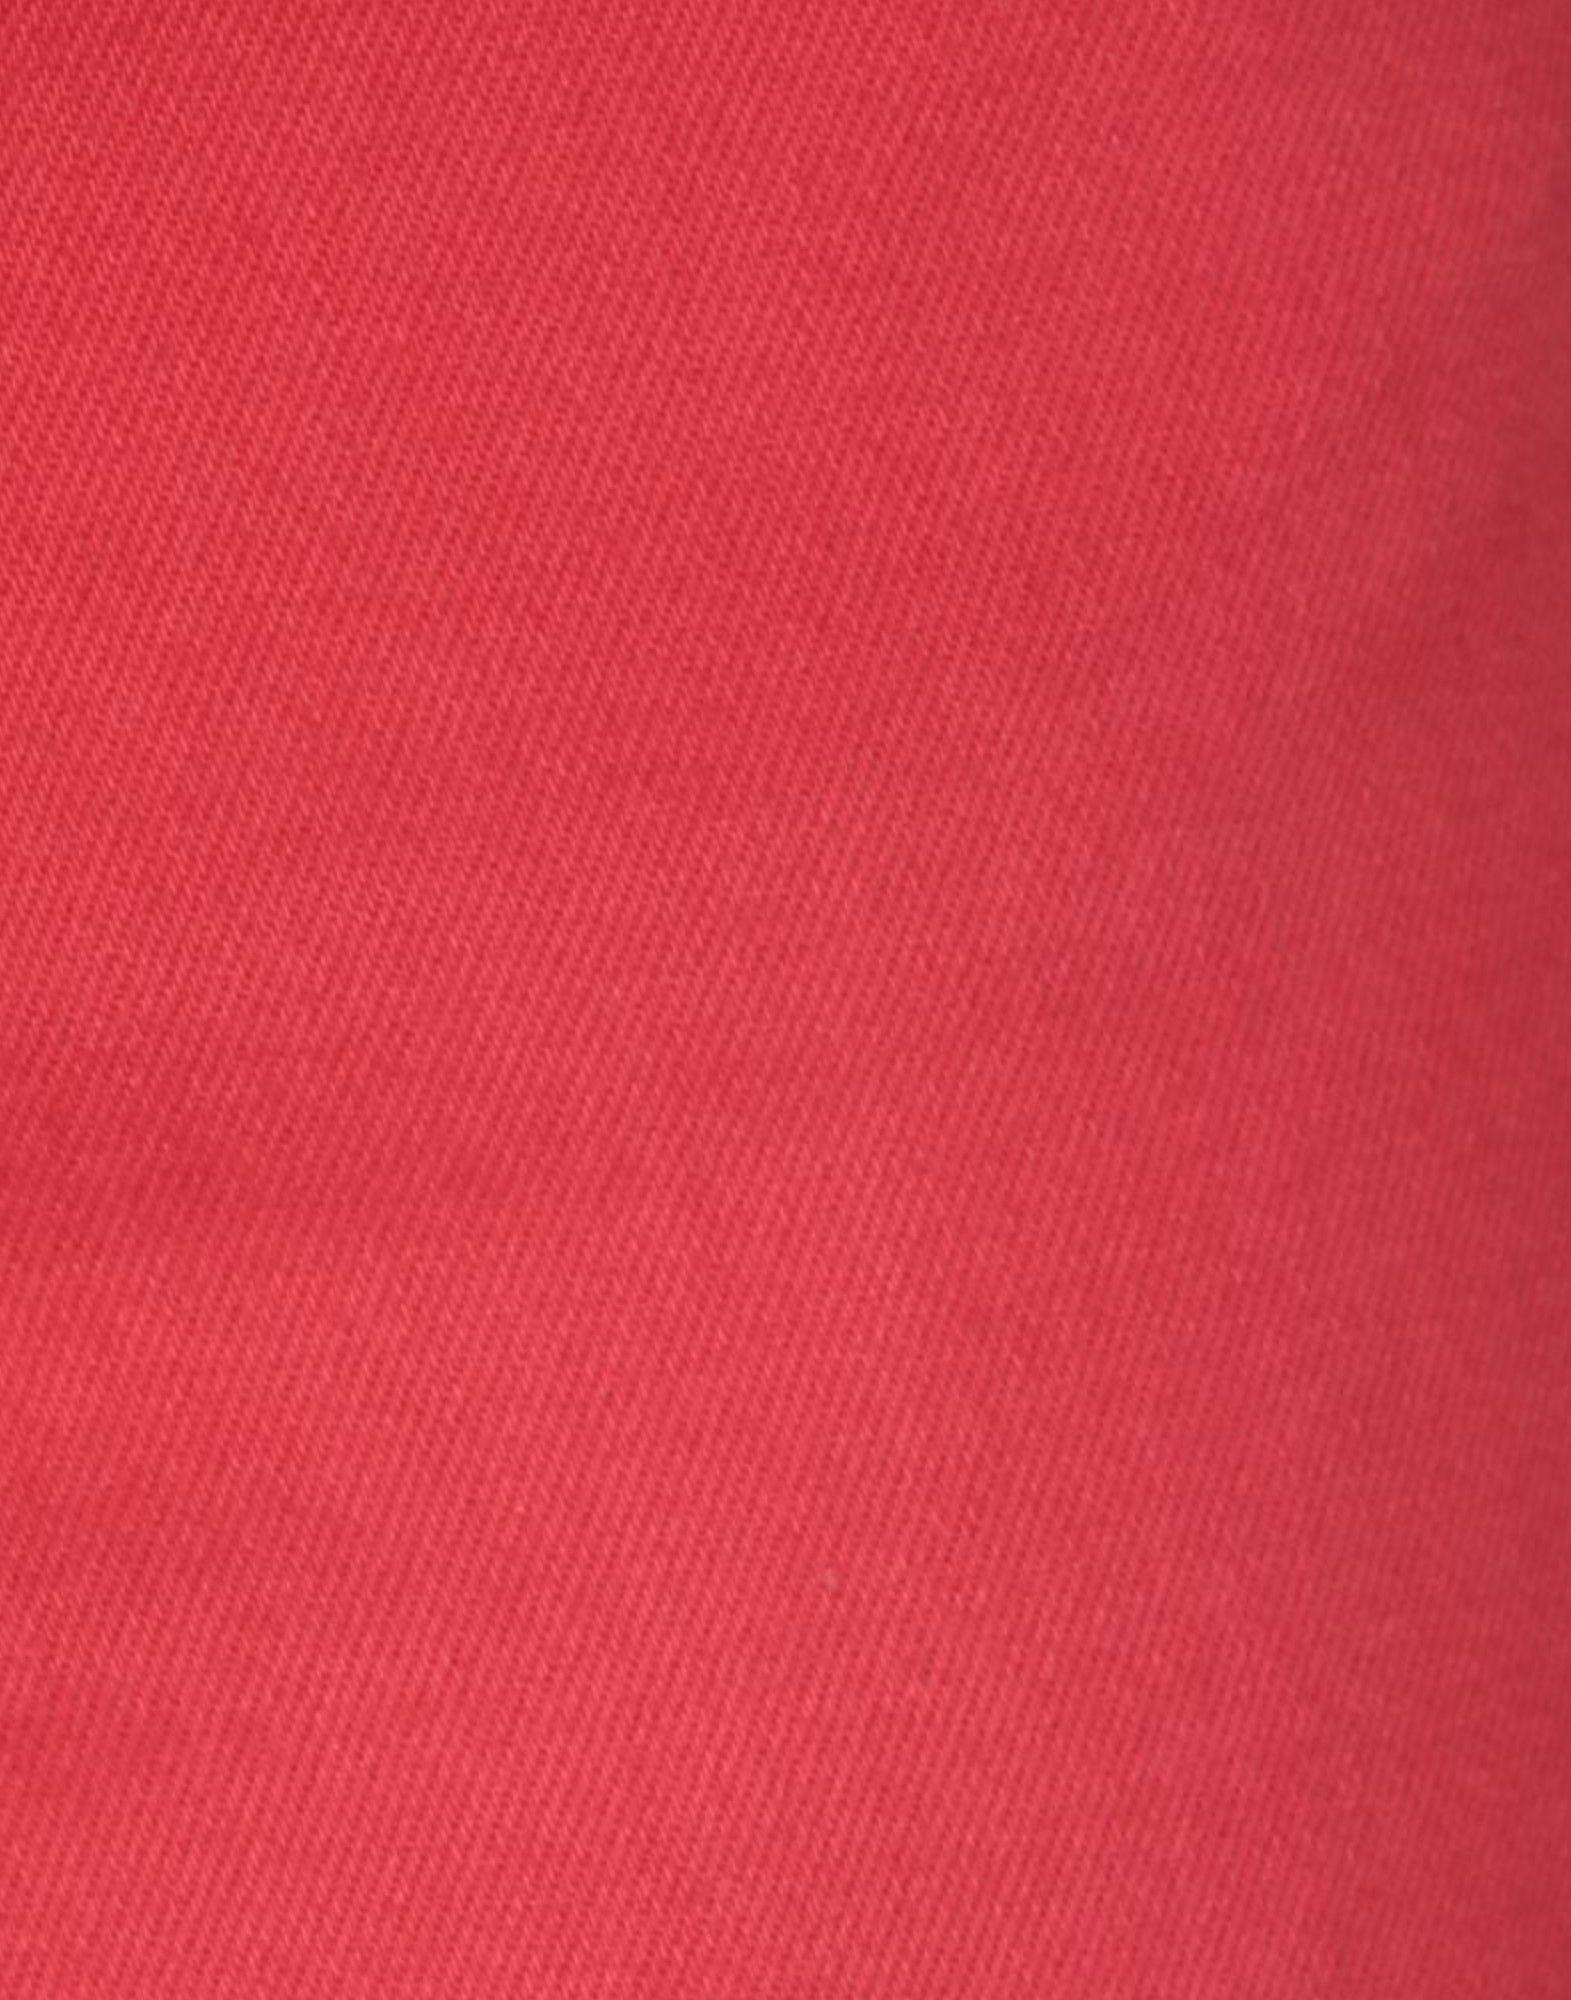 Pantalones vaqueros Aglini de Denim de color Rojo